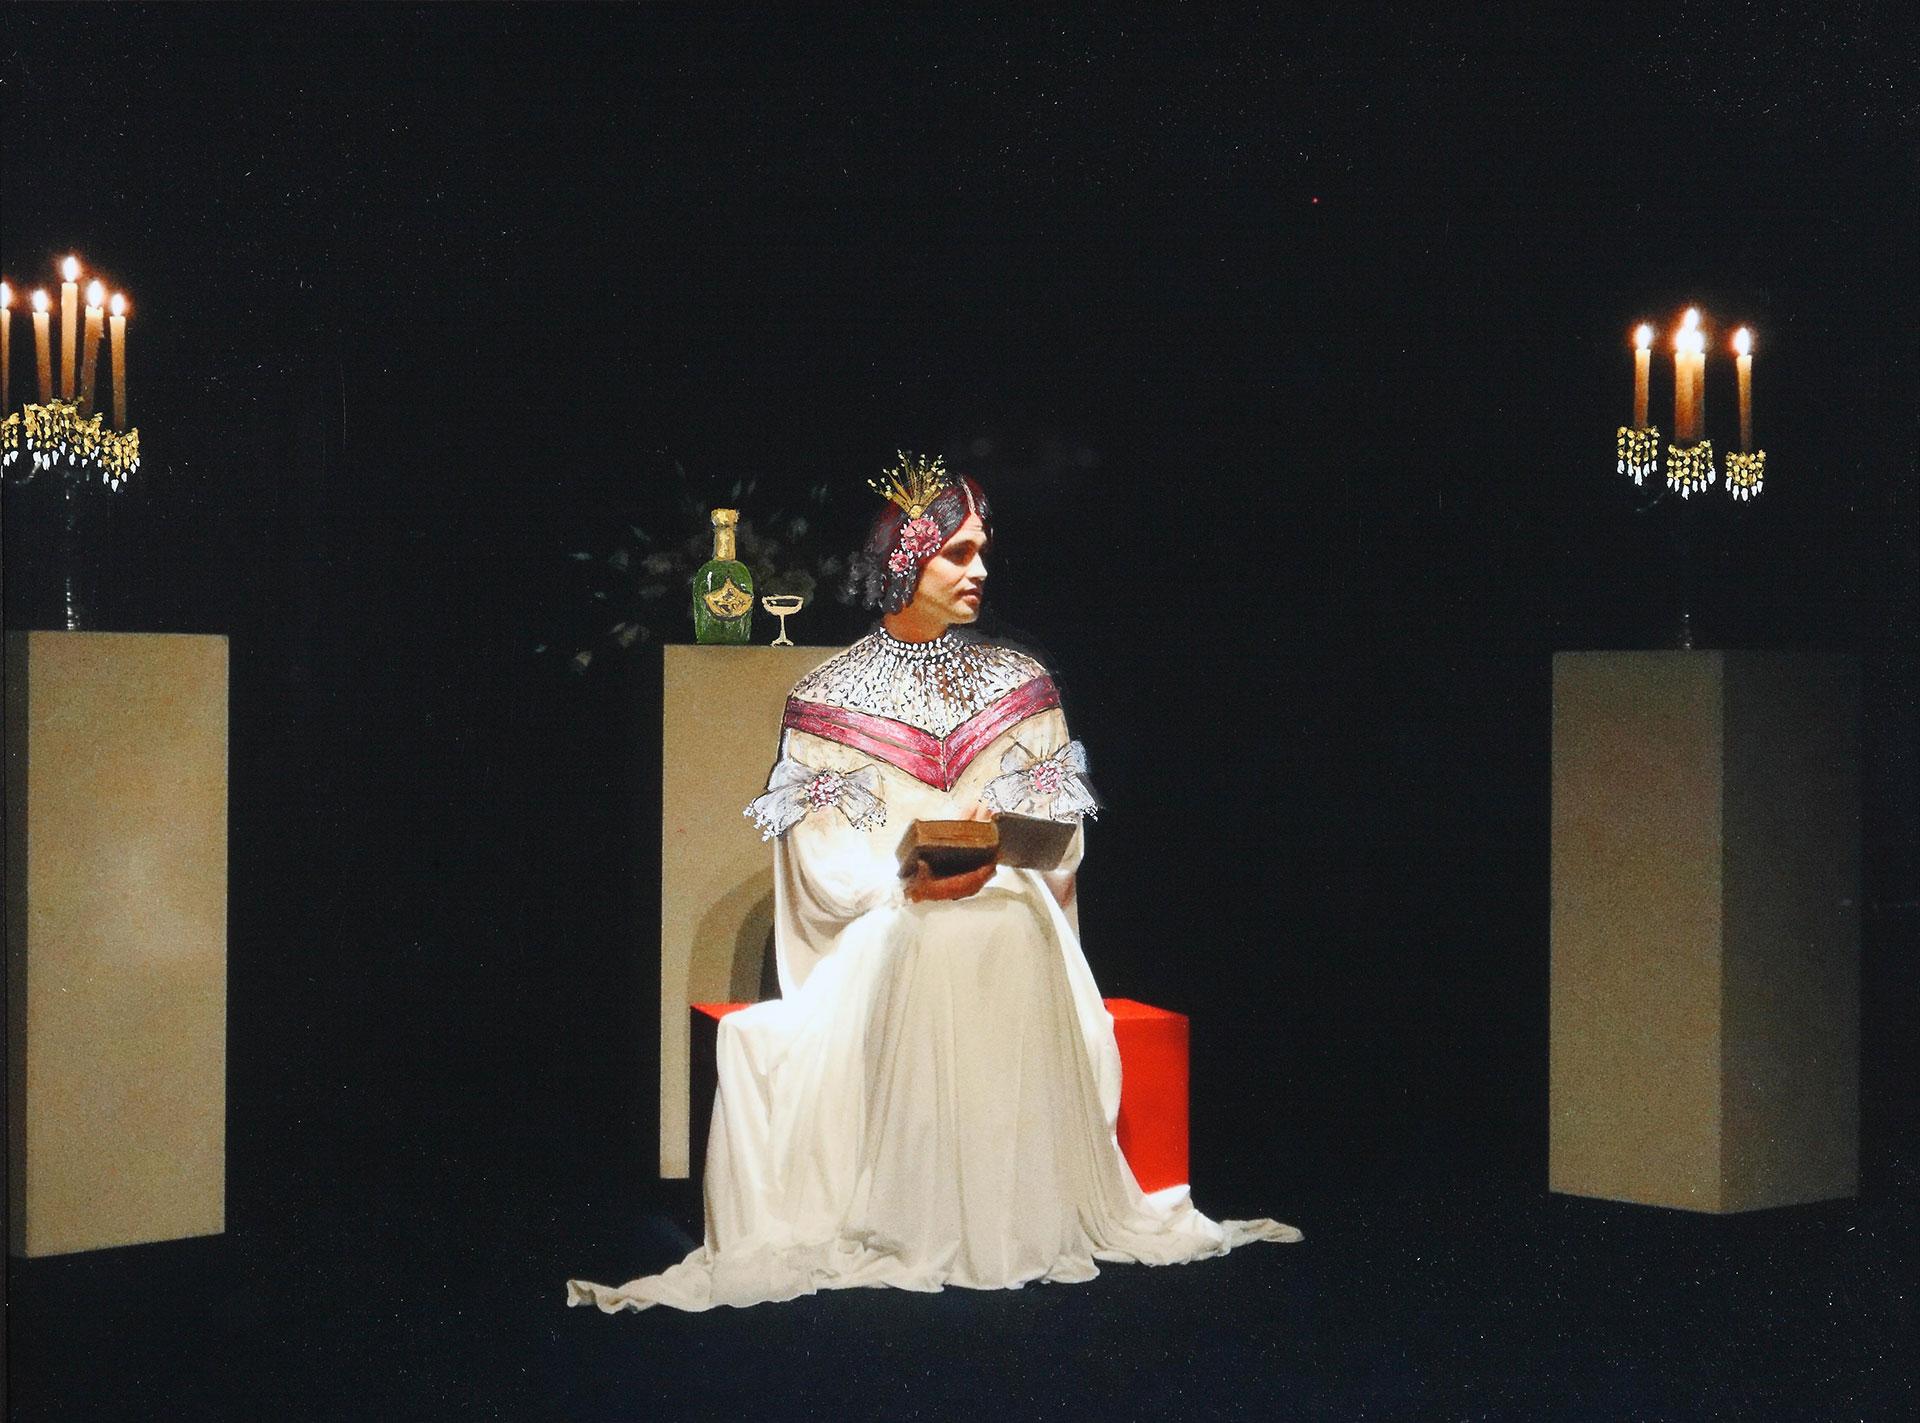 LA TRAVIATA: La Traviata se consuela leyendo La Dama de las Camelias y bebiendochampagne